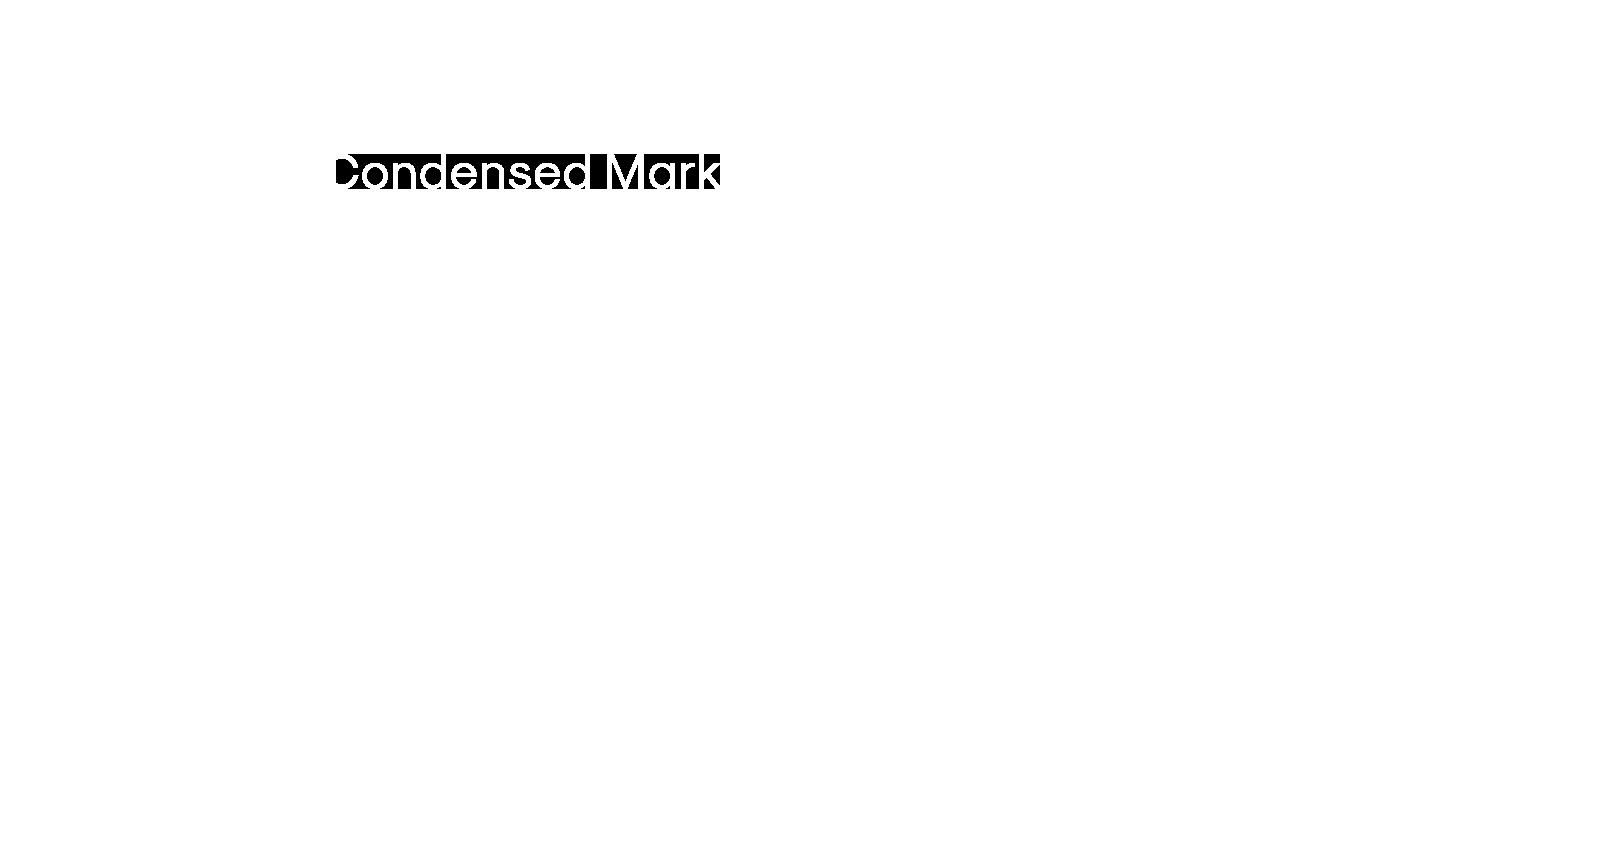 M&p_Cd_Mark.png